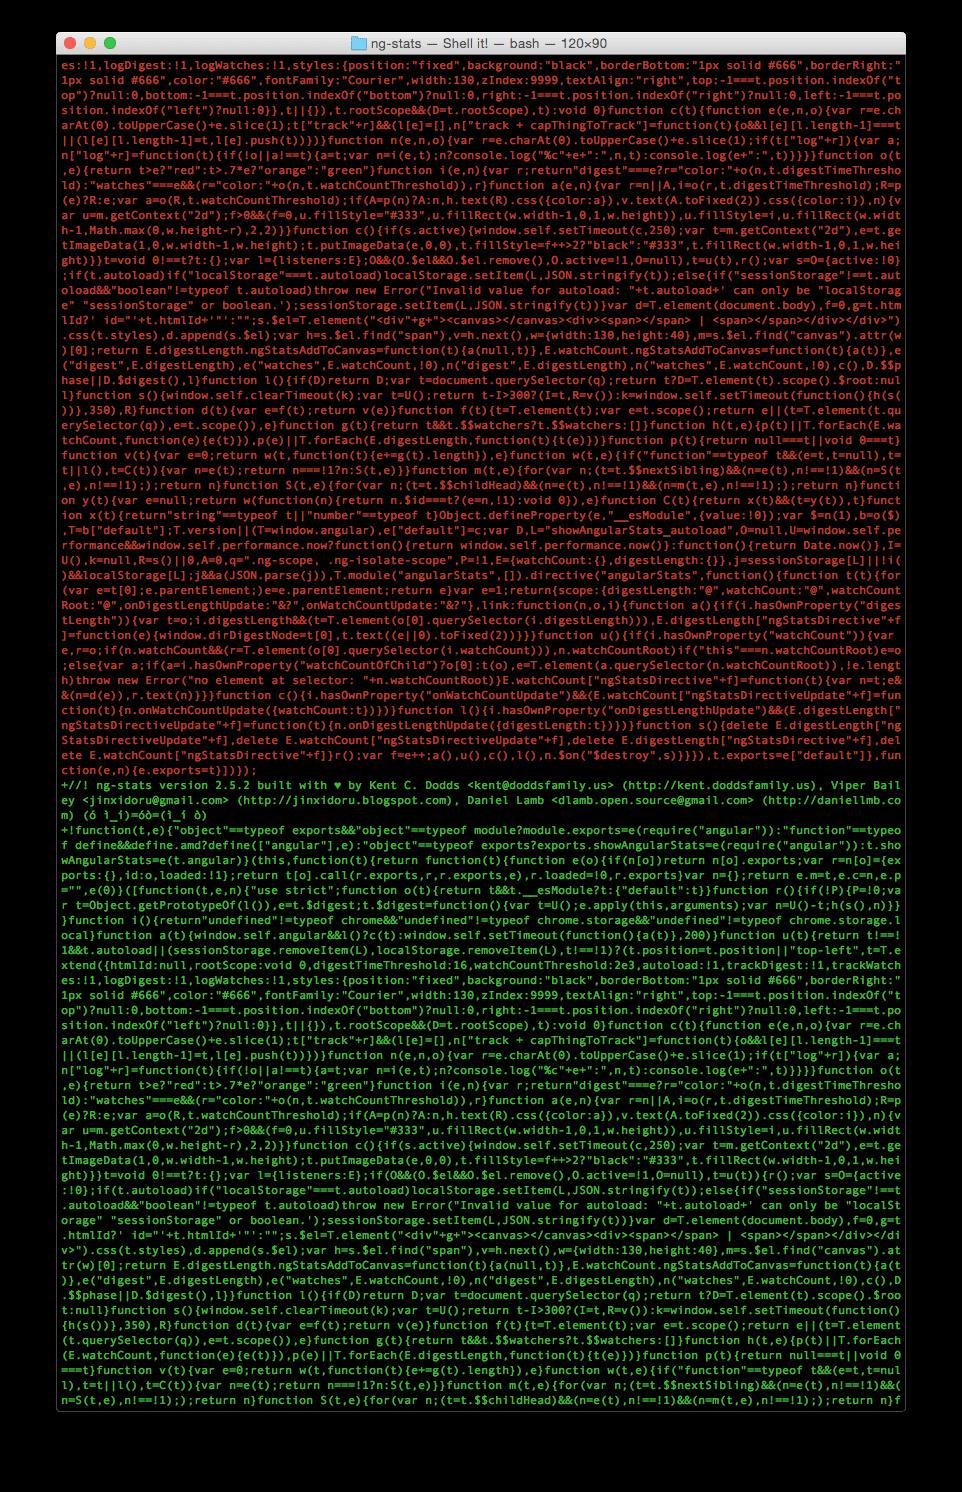 A wall of git diffs